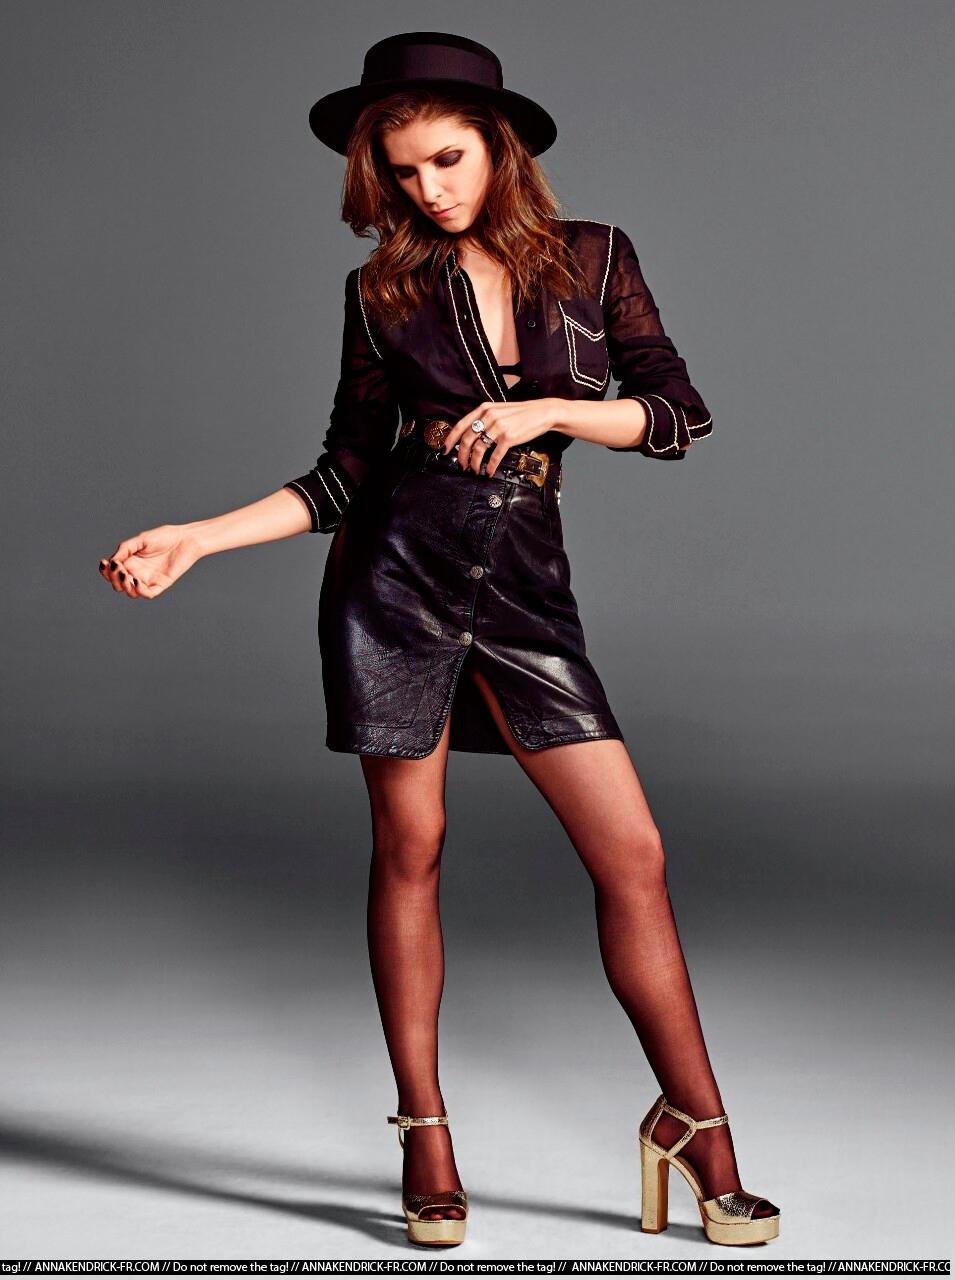 Анна Кендрик в платье фото 2015 год фотосессия